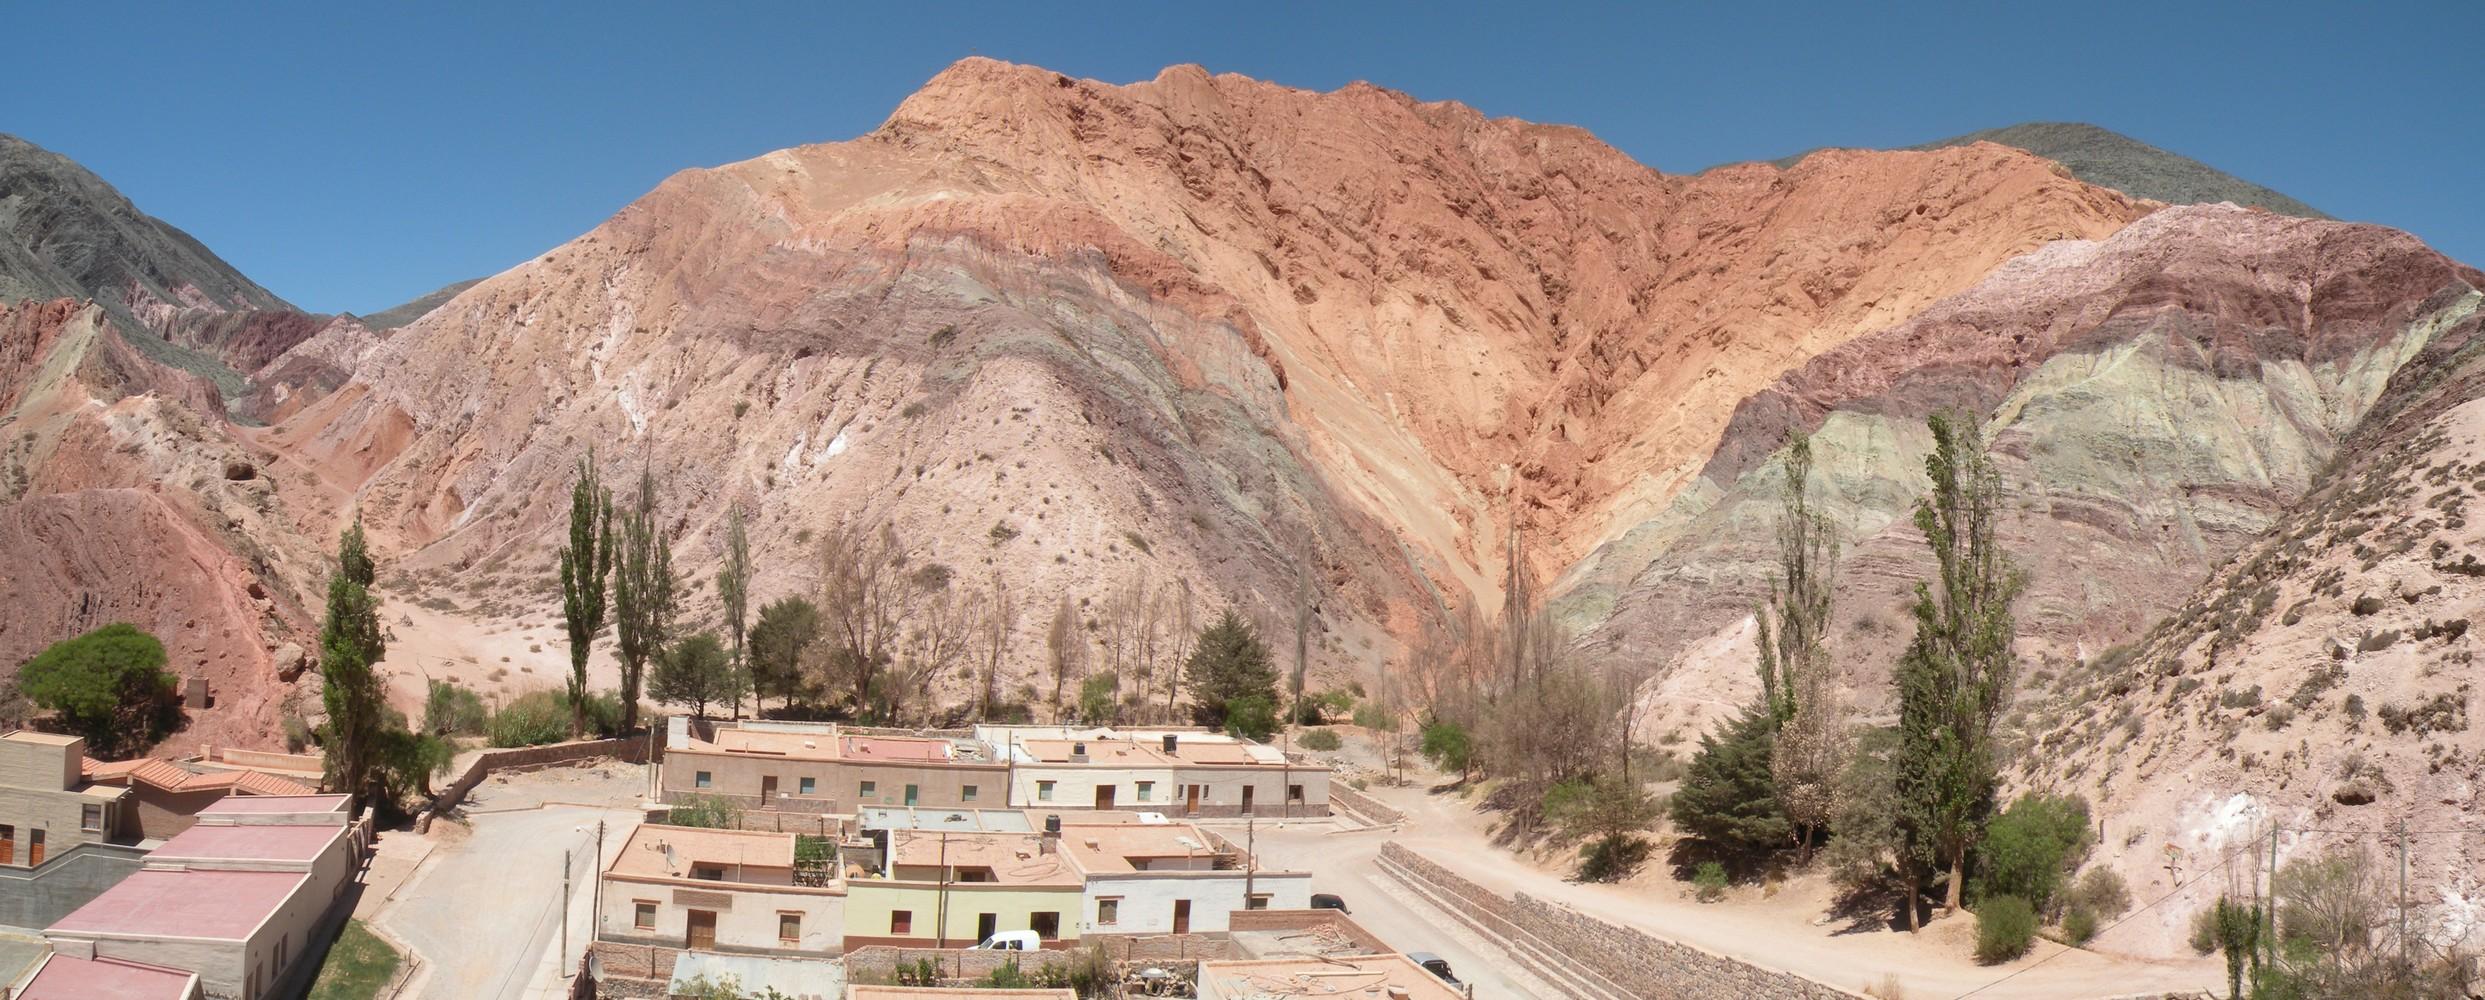 Cerro 7 Colores - Purmamarca